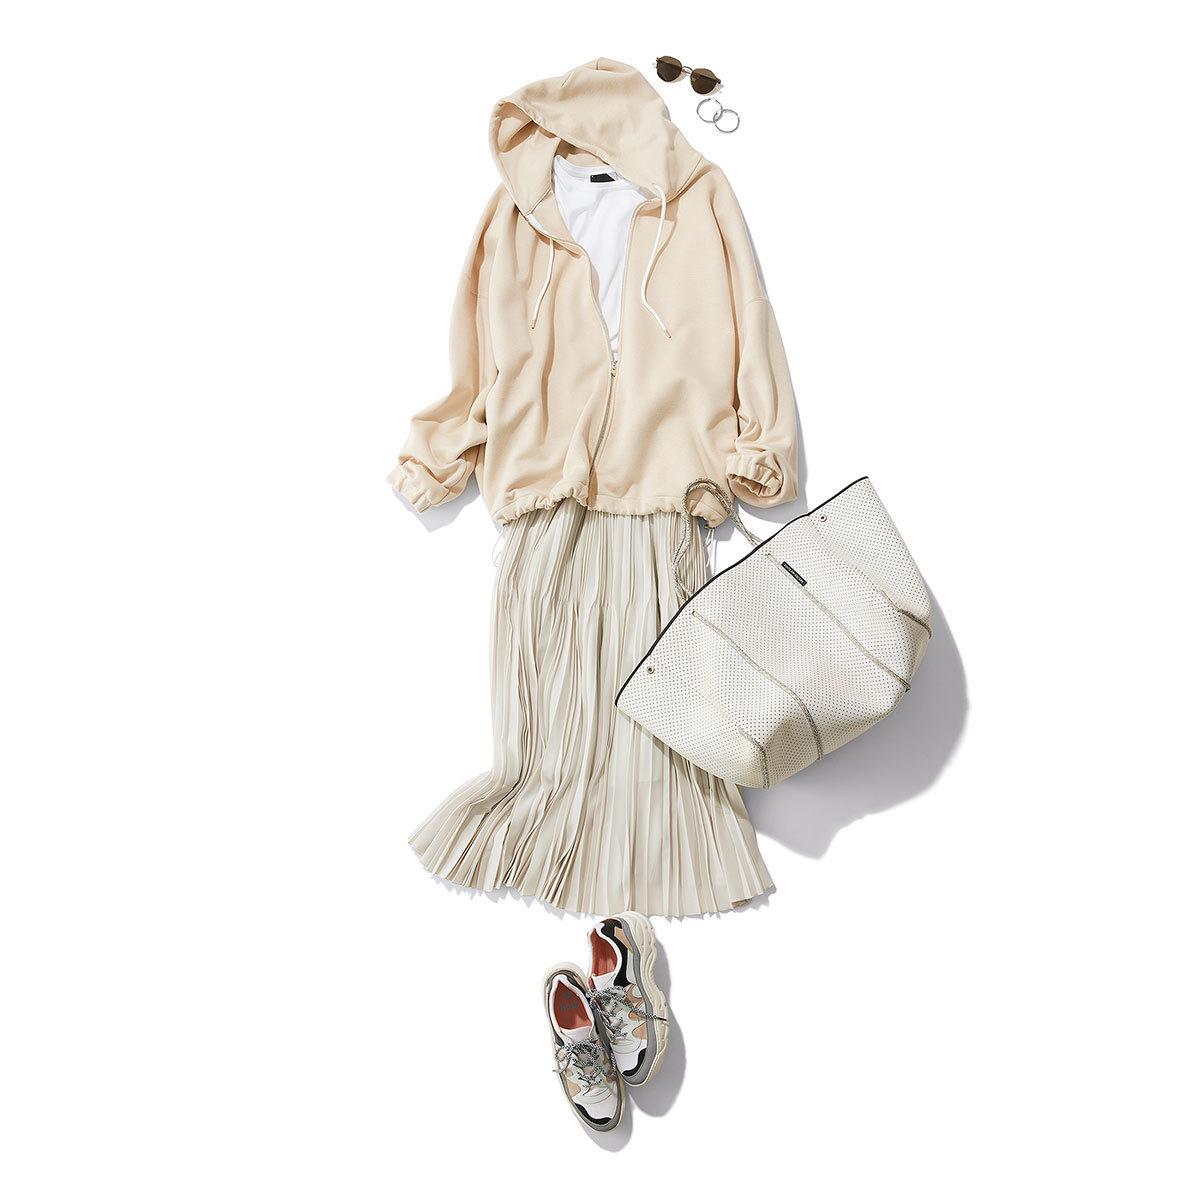 ベージュのオーバーサイズのパーカー×白のプリーツスカートコーデ